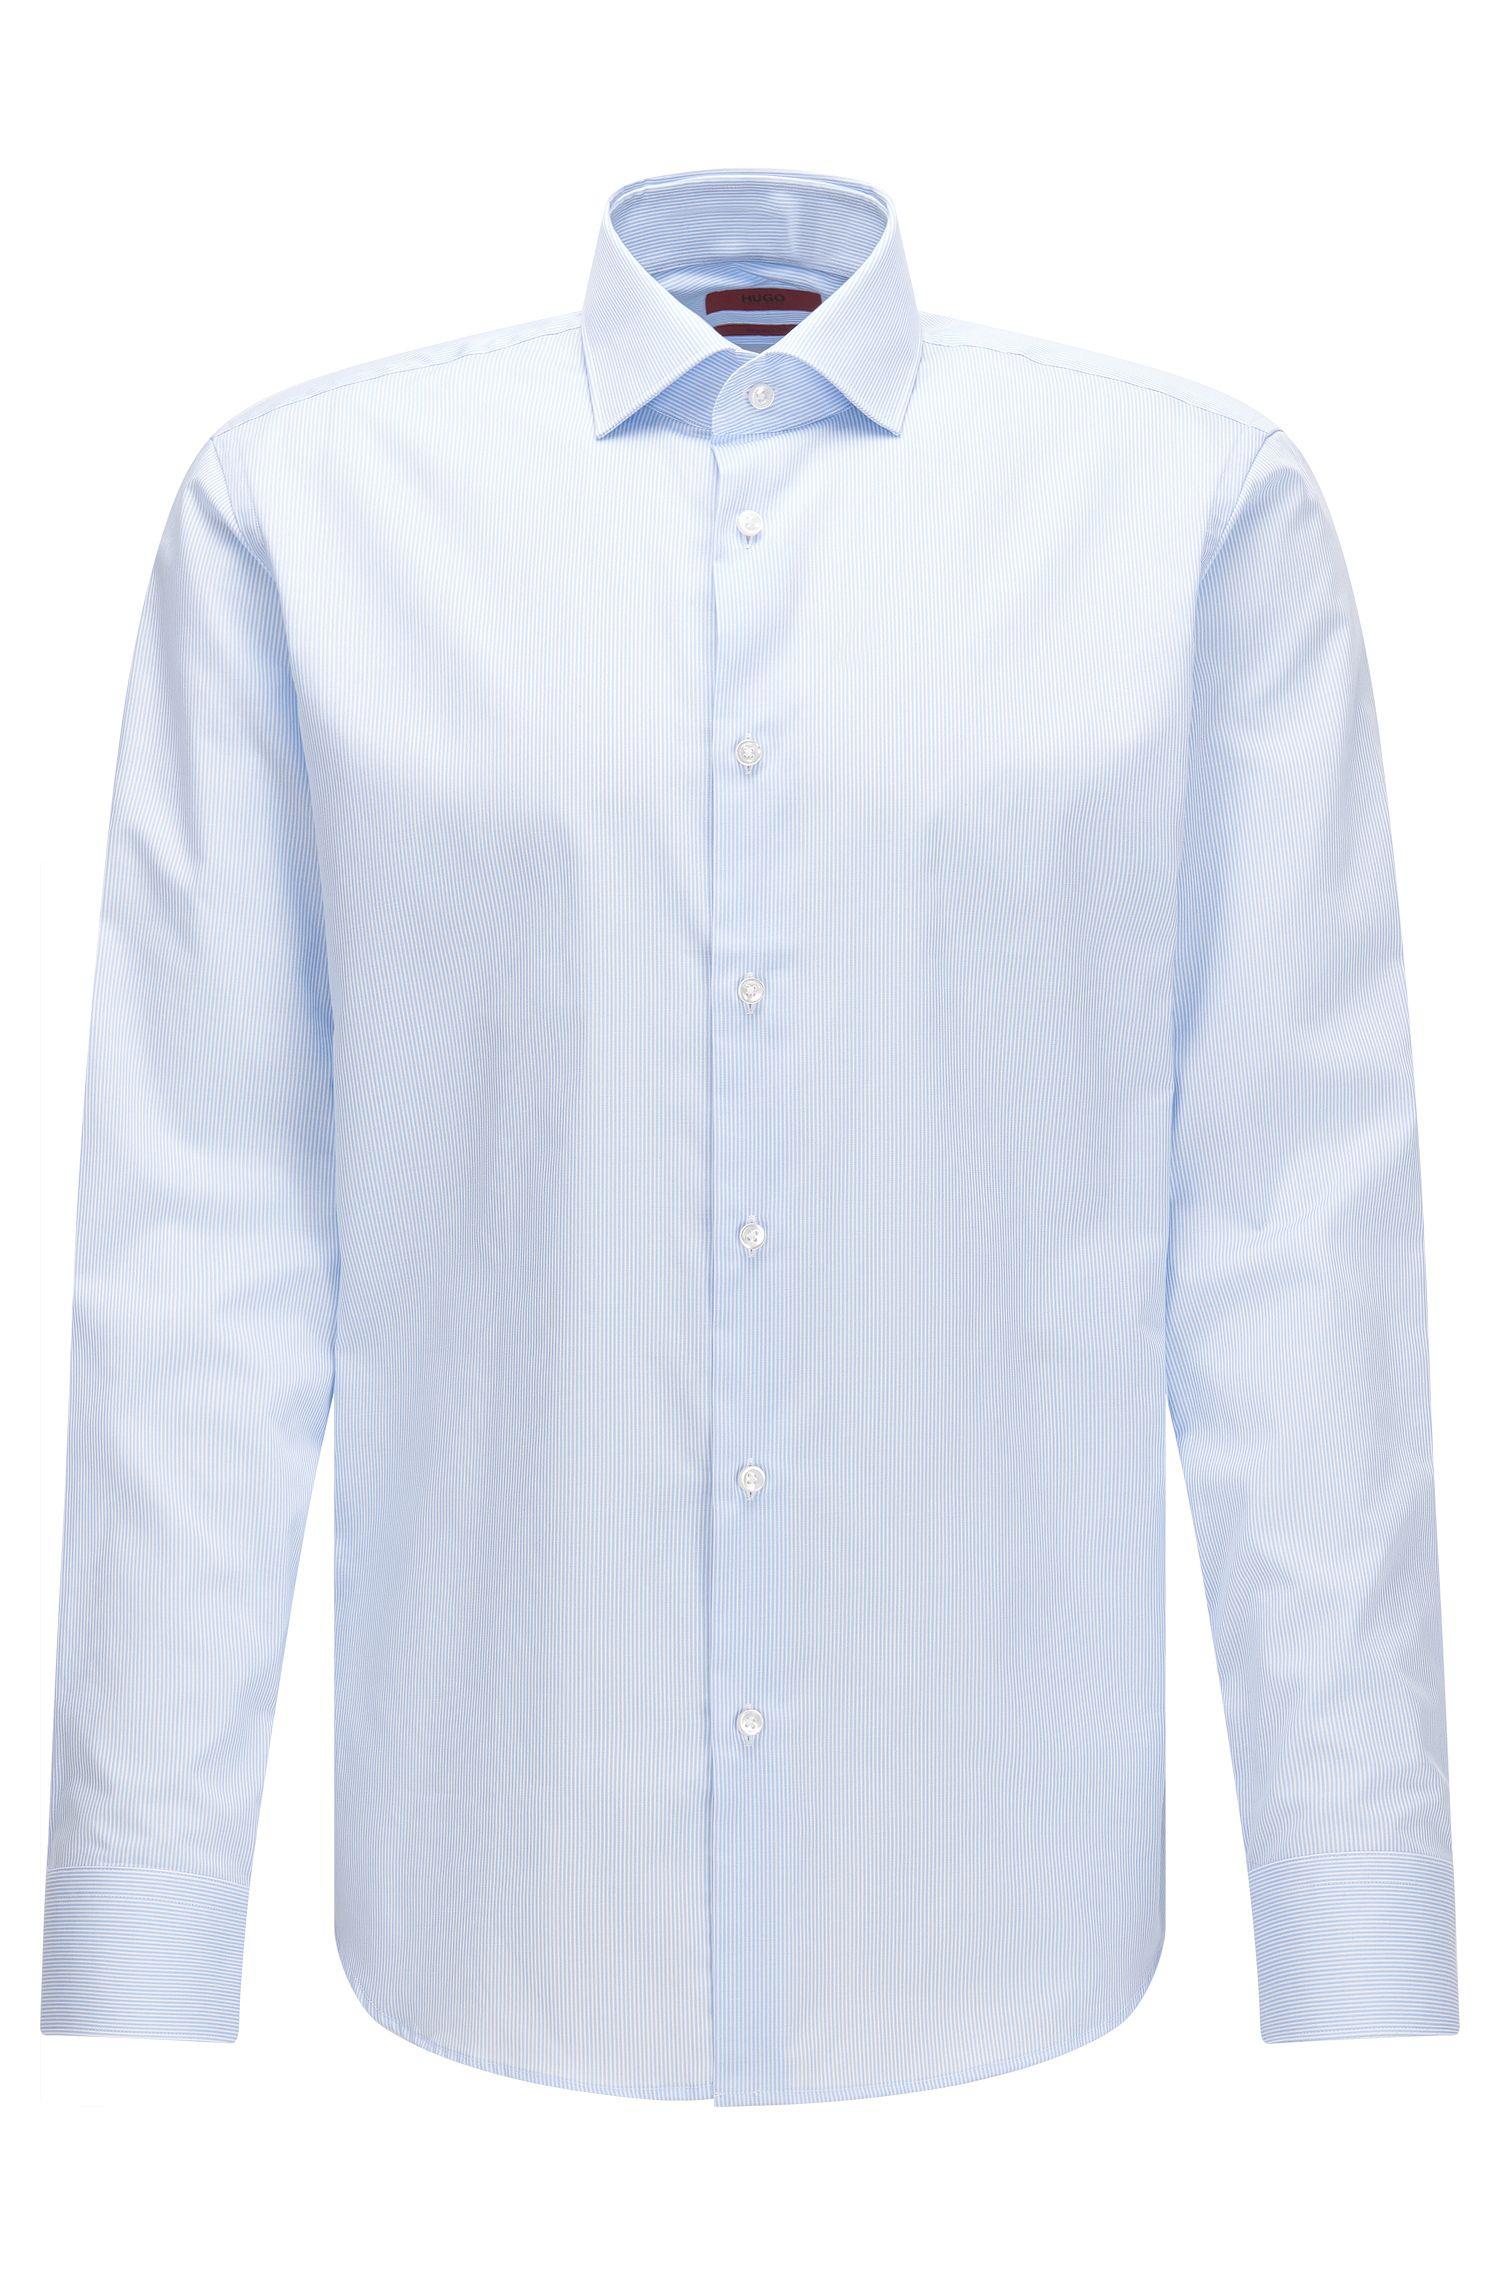 Camisa regular fit en algodón con finas rayas verticales